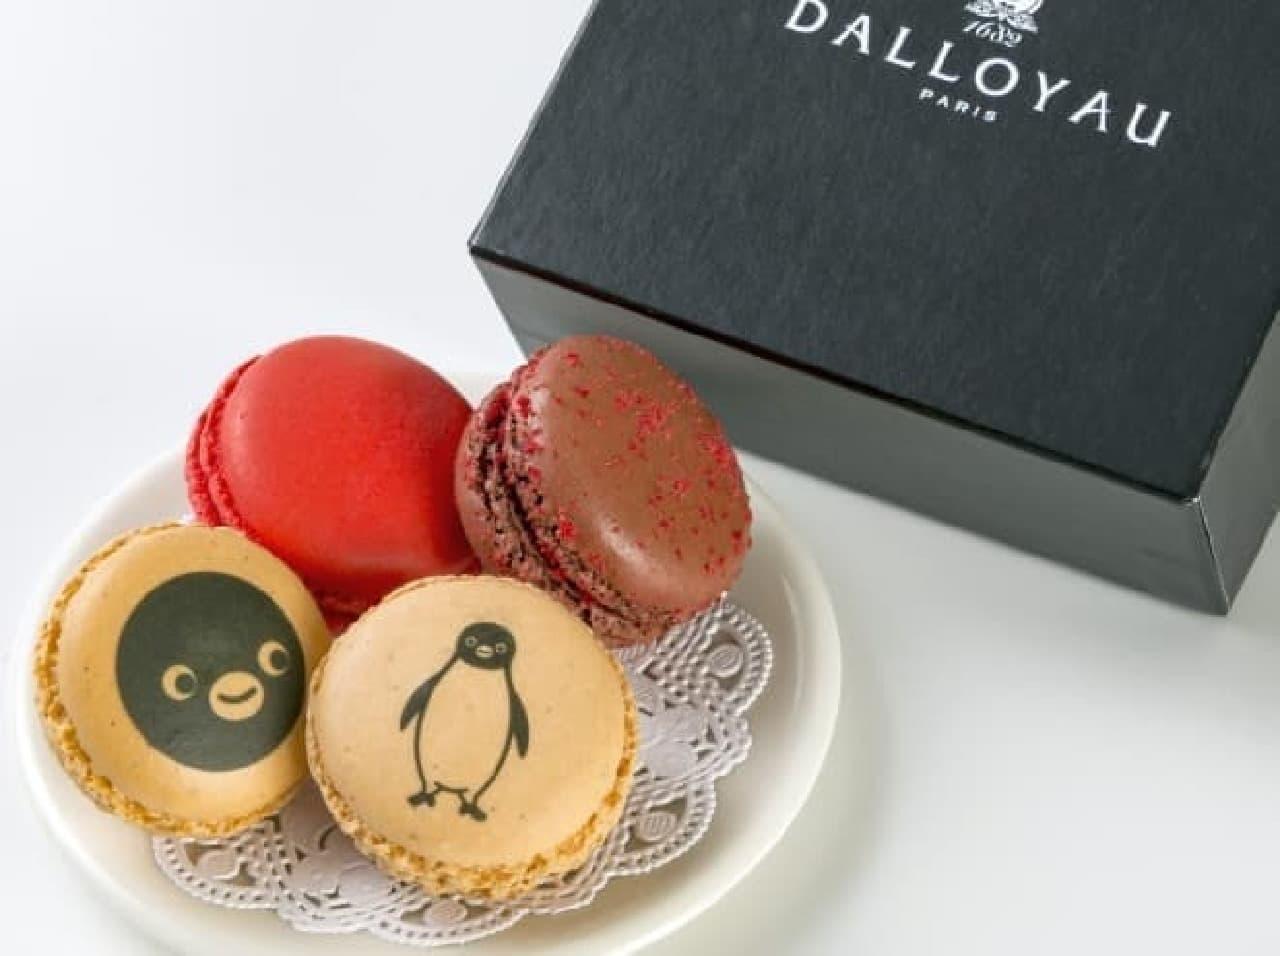 ダロワイヨの「Suicaのペンギン マカロン詰合せ」